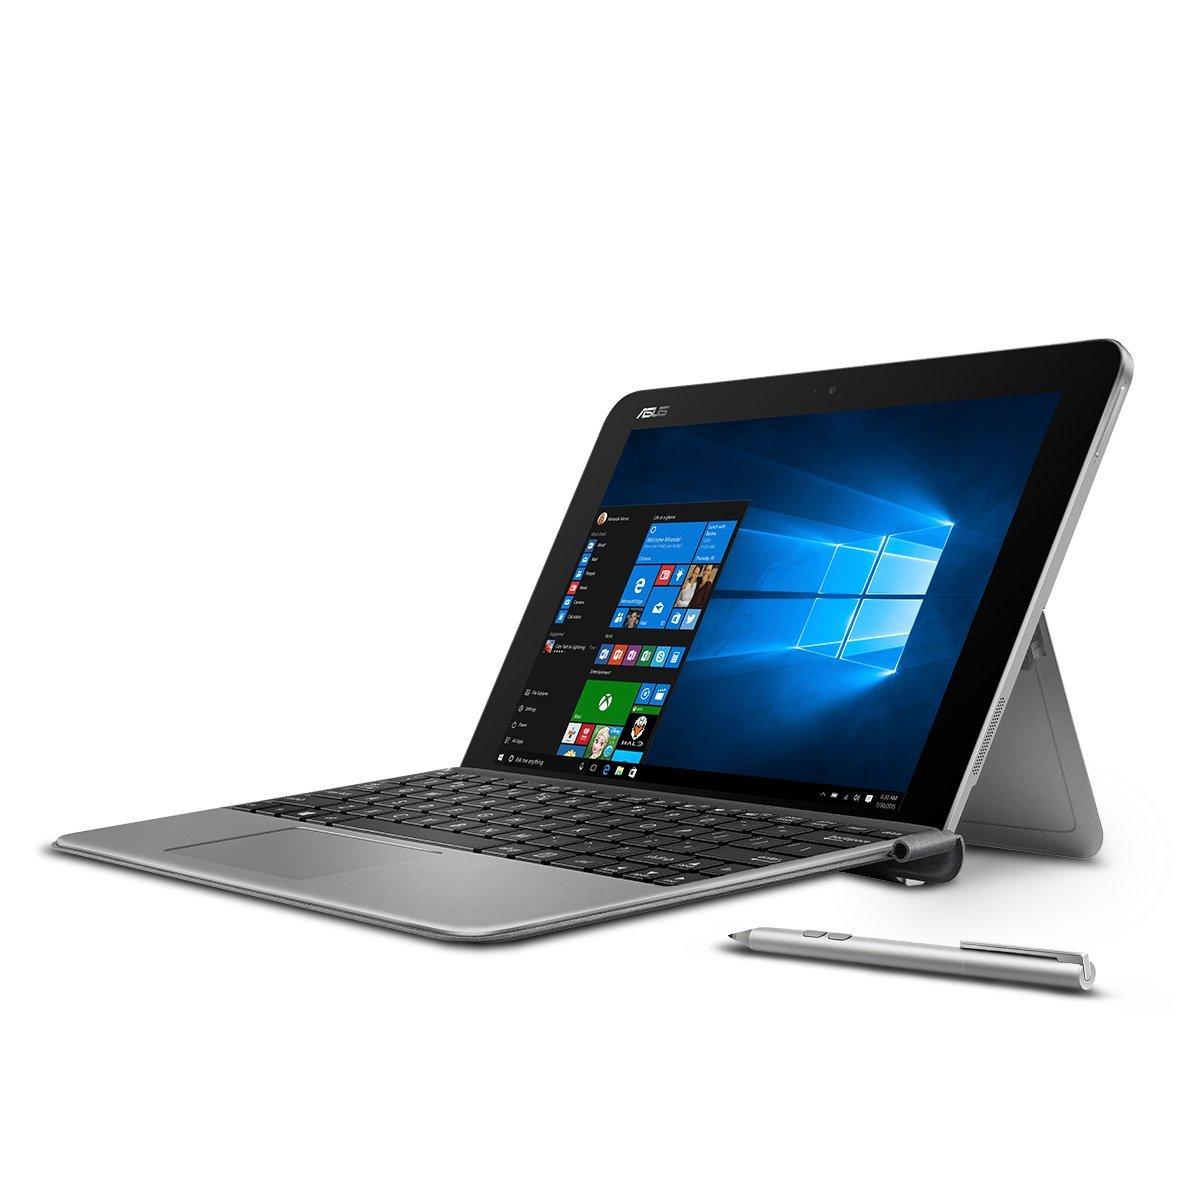 Máy tính xách tay – Laptop ASUS Transformer T102HA-D4-GR màn hình cảm ứng 10.1